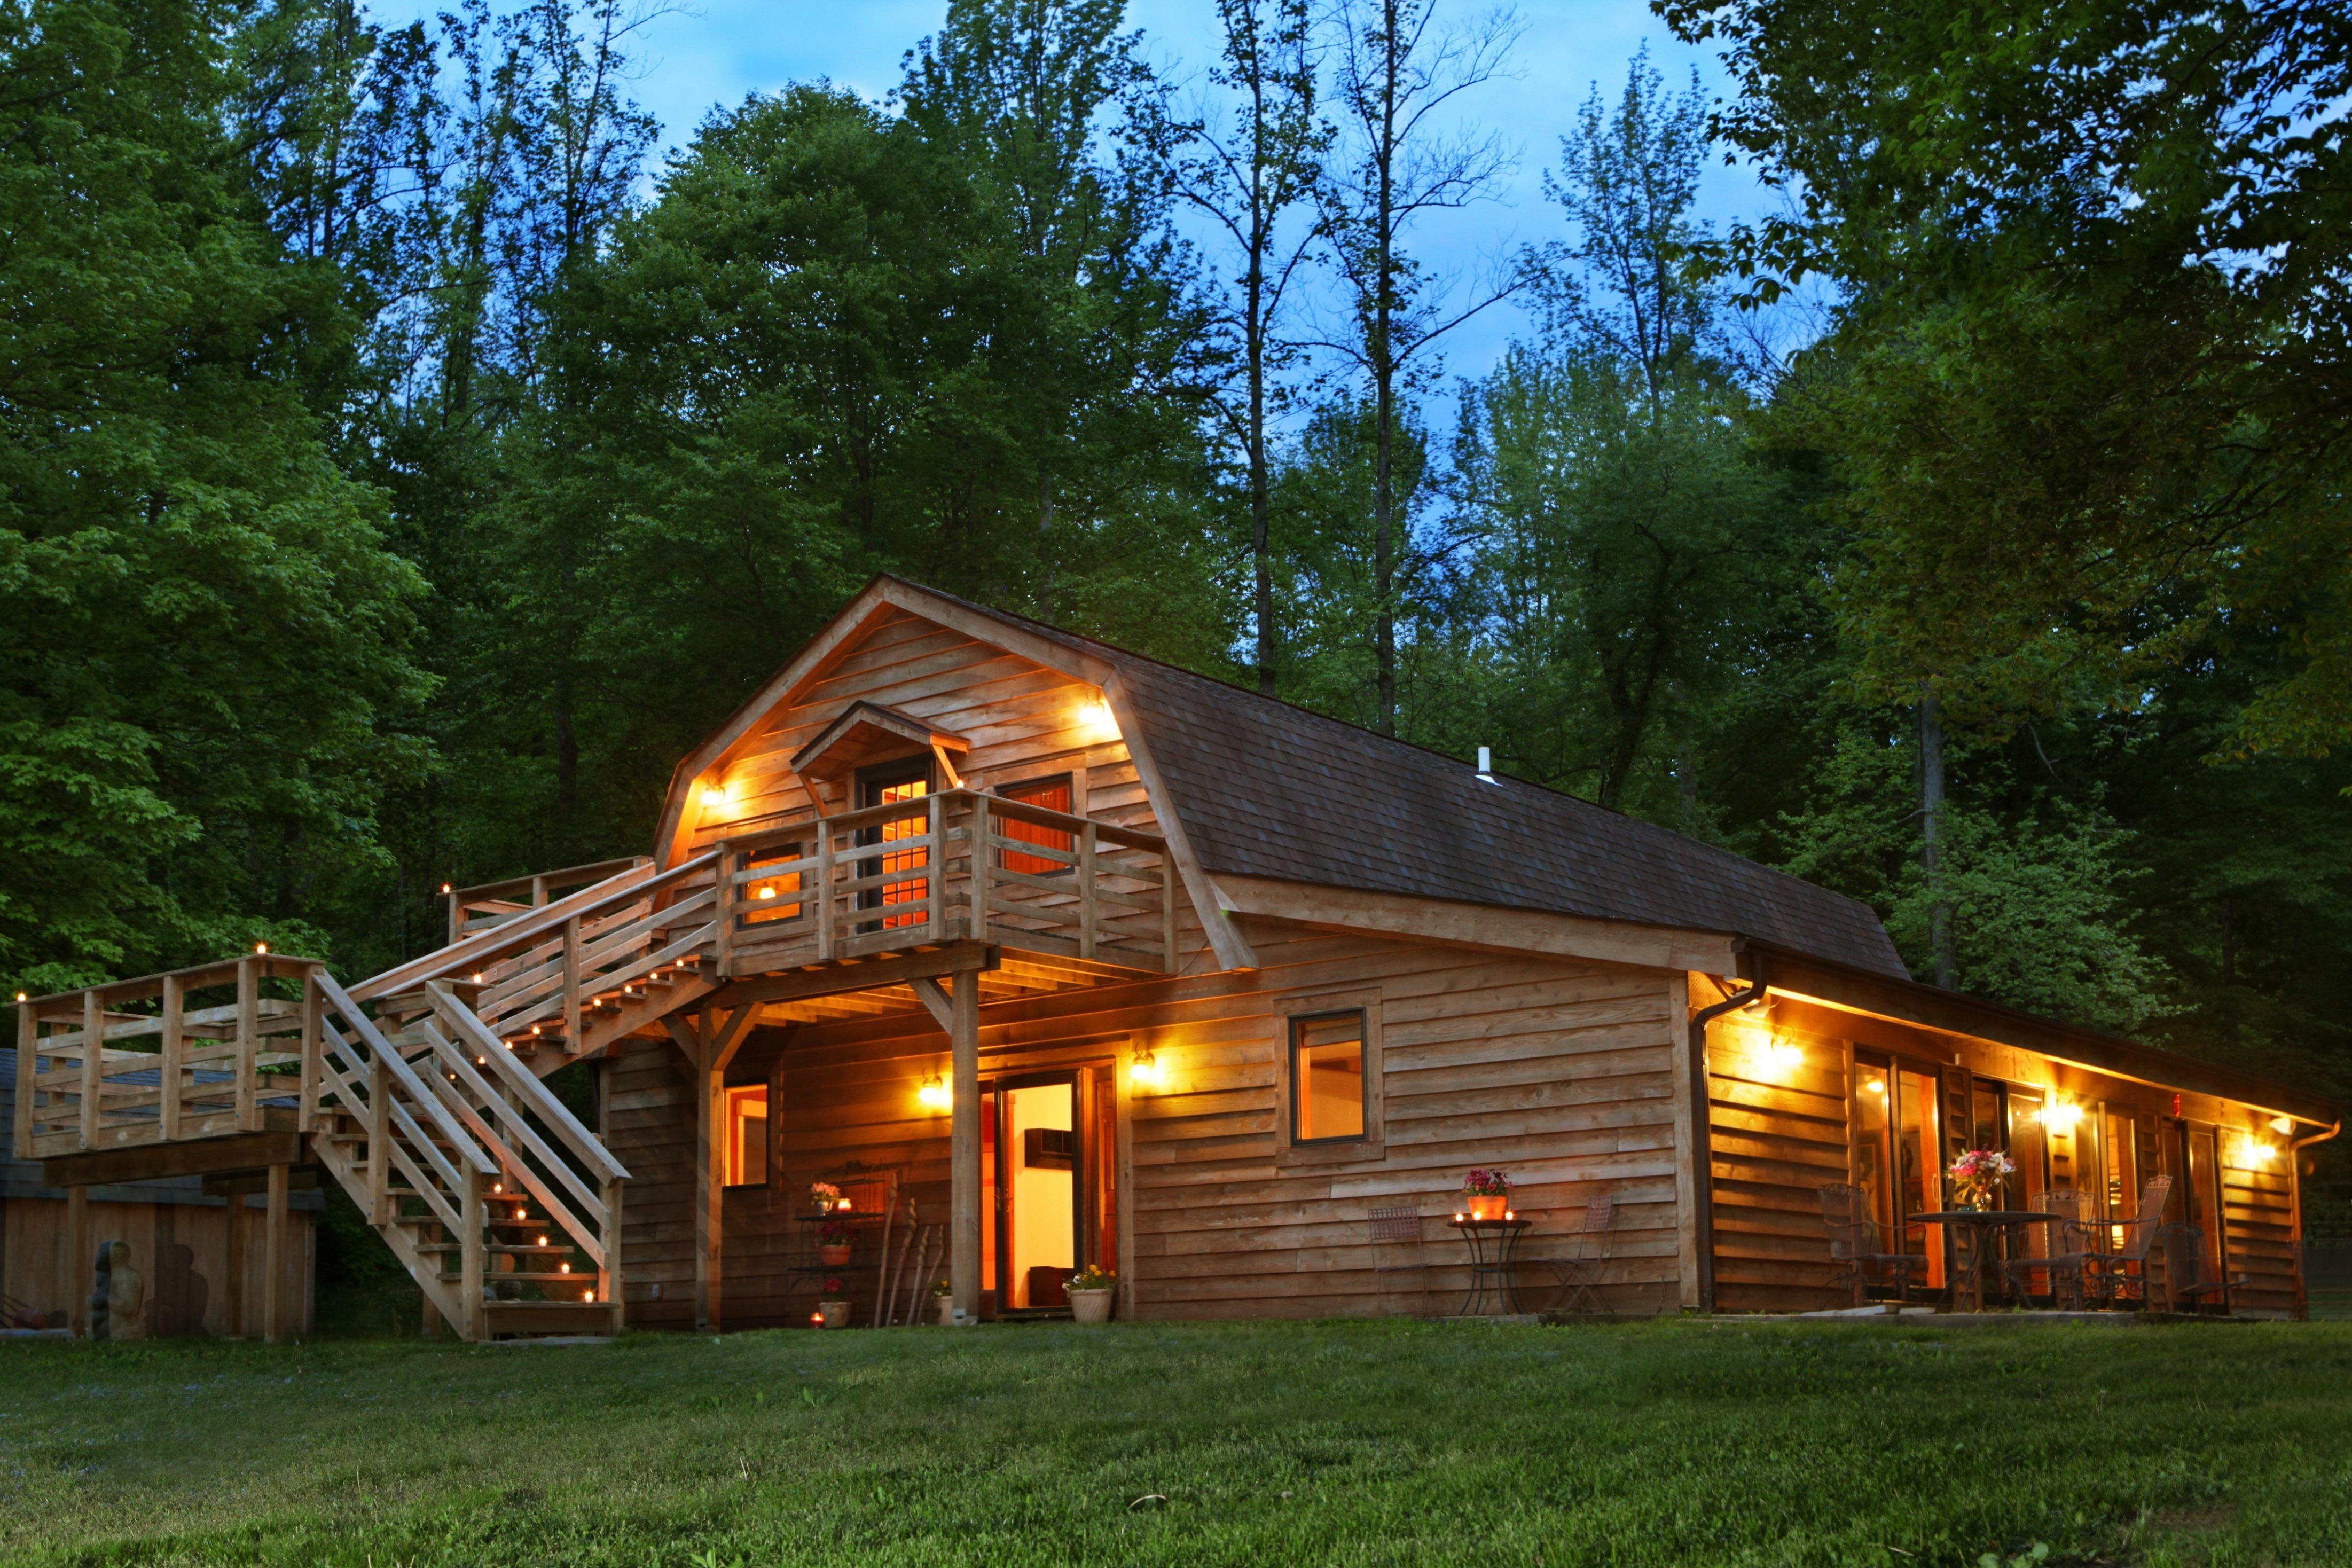 cornerstone cabins in pomona il 618 924 4